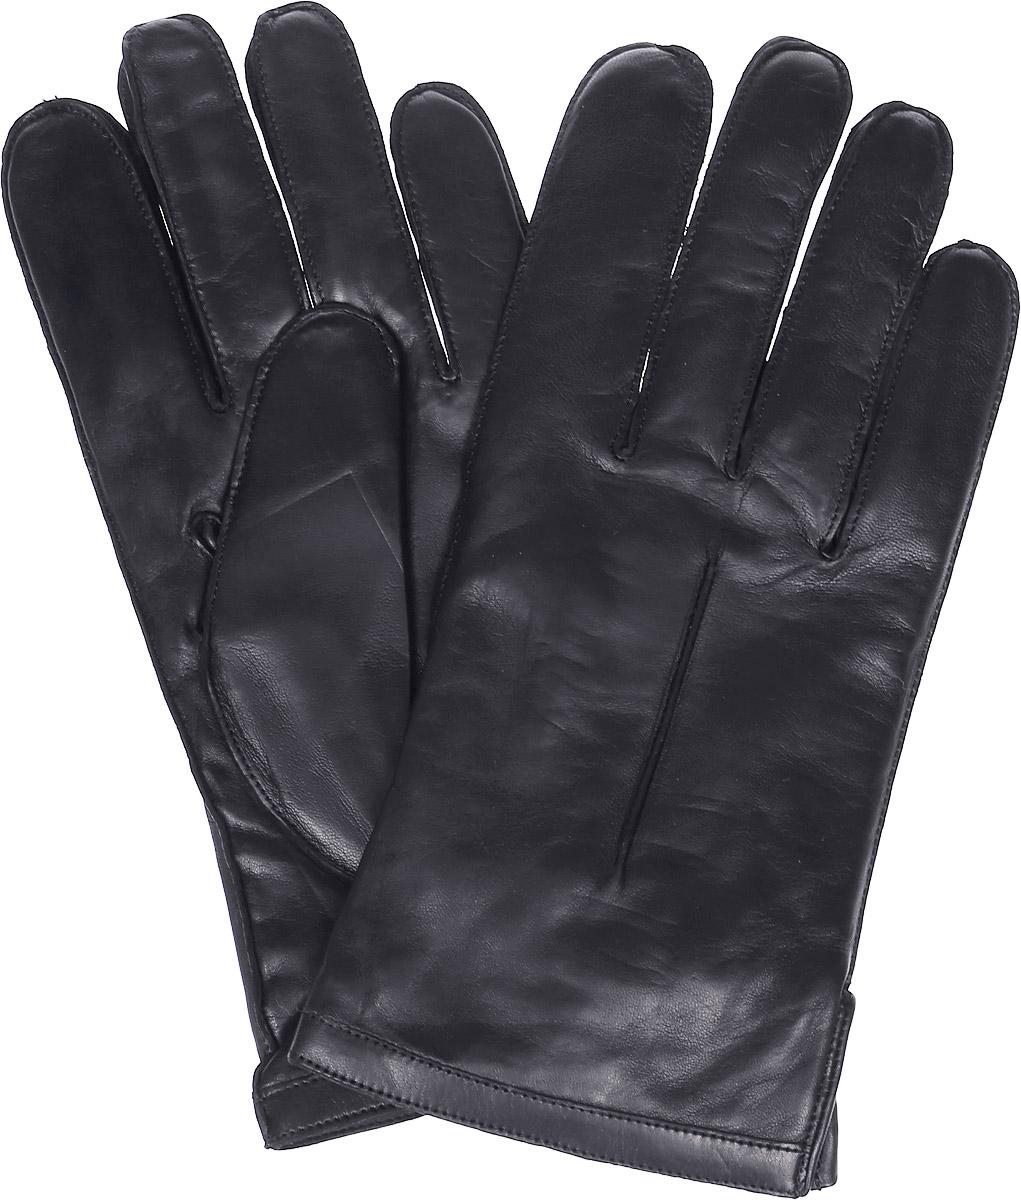 Перчатки мужские Michel Katana, цвет: черный. K12-NANCY. Размер 9,5K12-NANCY/BLМужские перчатки Michel Katana не только защитят ваши руки, но и станут великолепным украшением. Перчатки выполнены из натуральной кожи, а подкладка - из высококачественной шерсти. Модель оформлена декоративными прострочками.